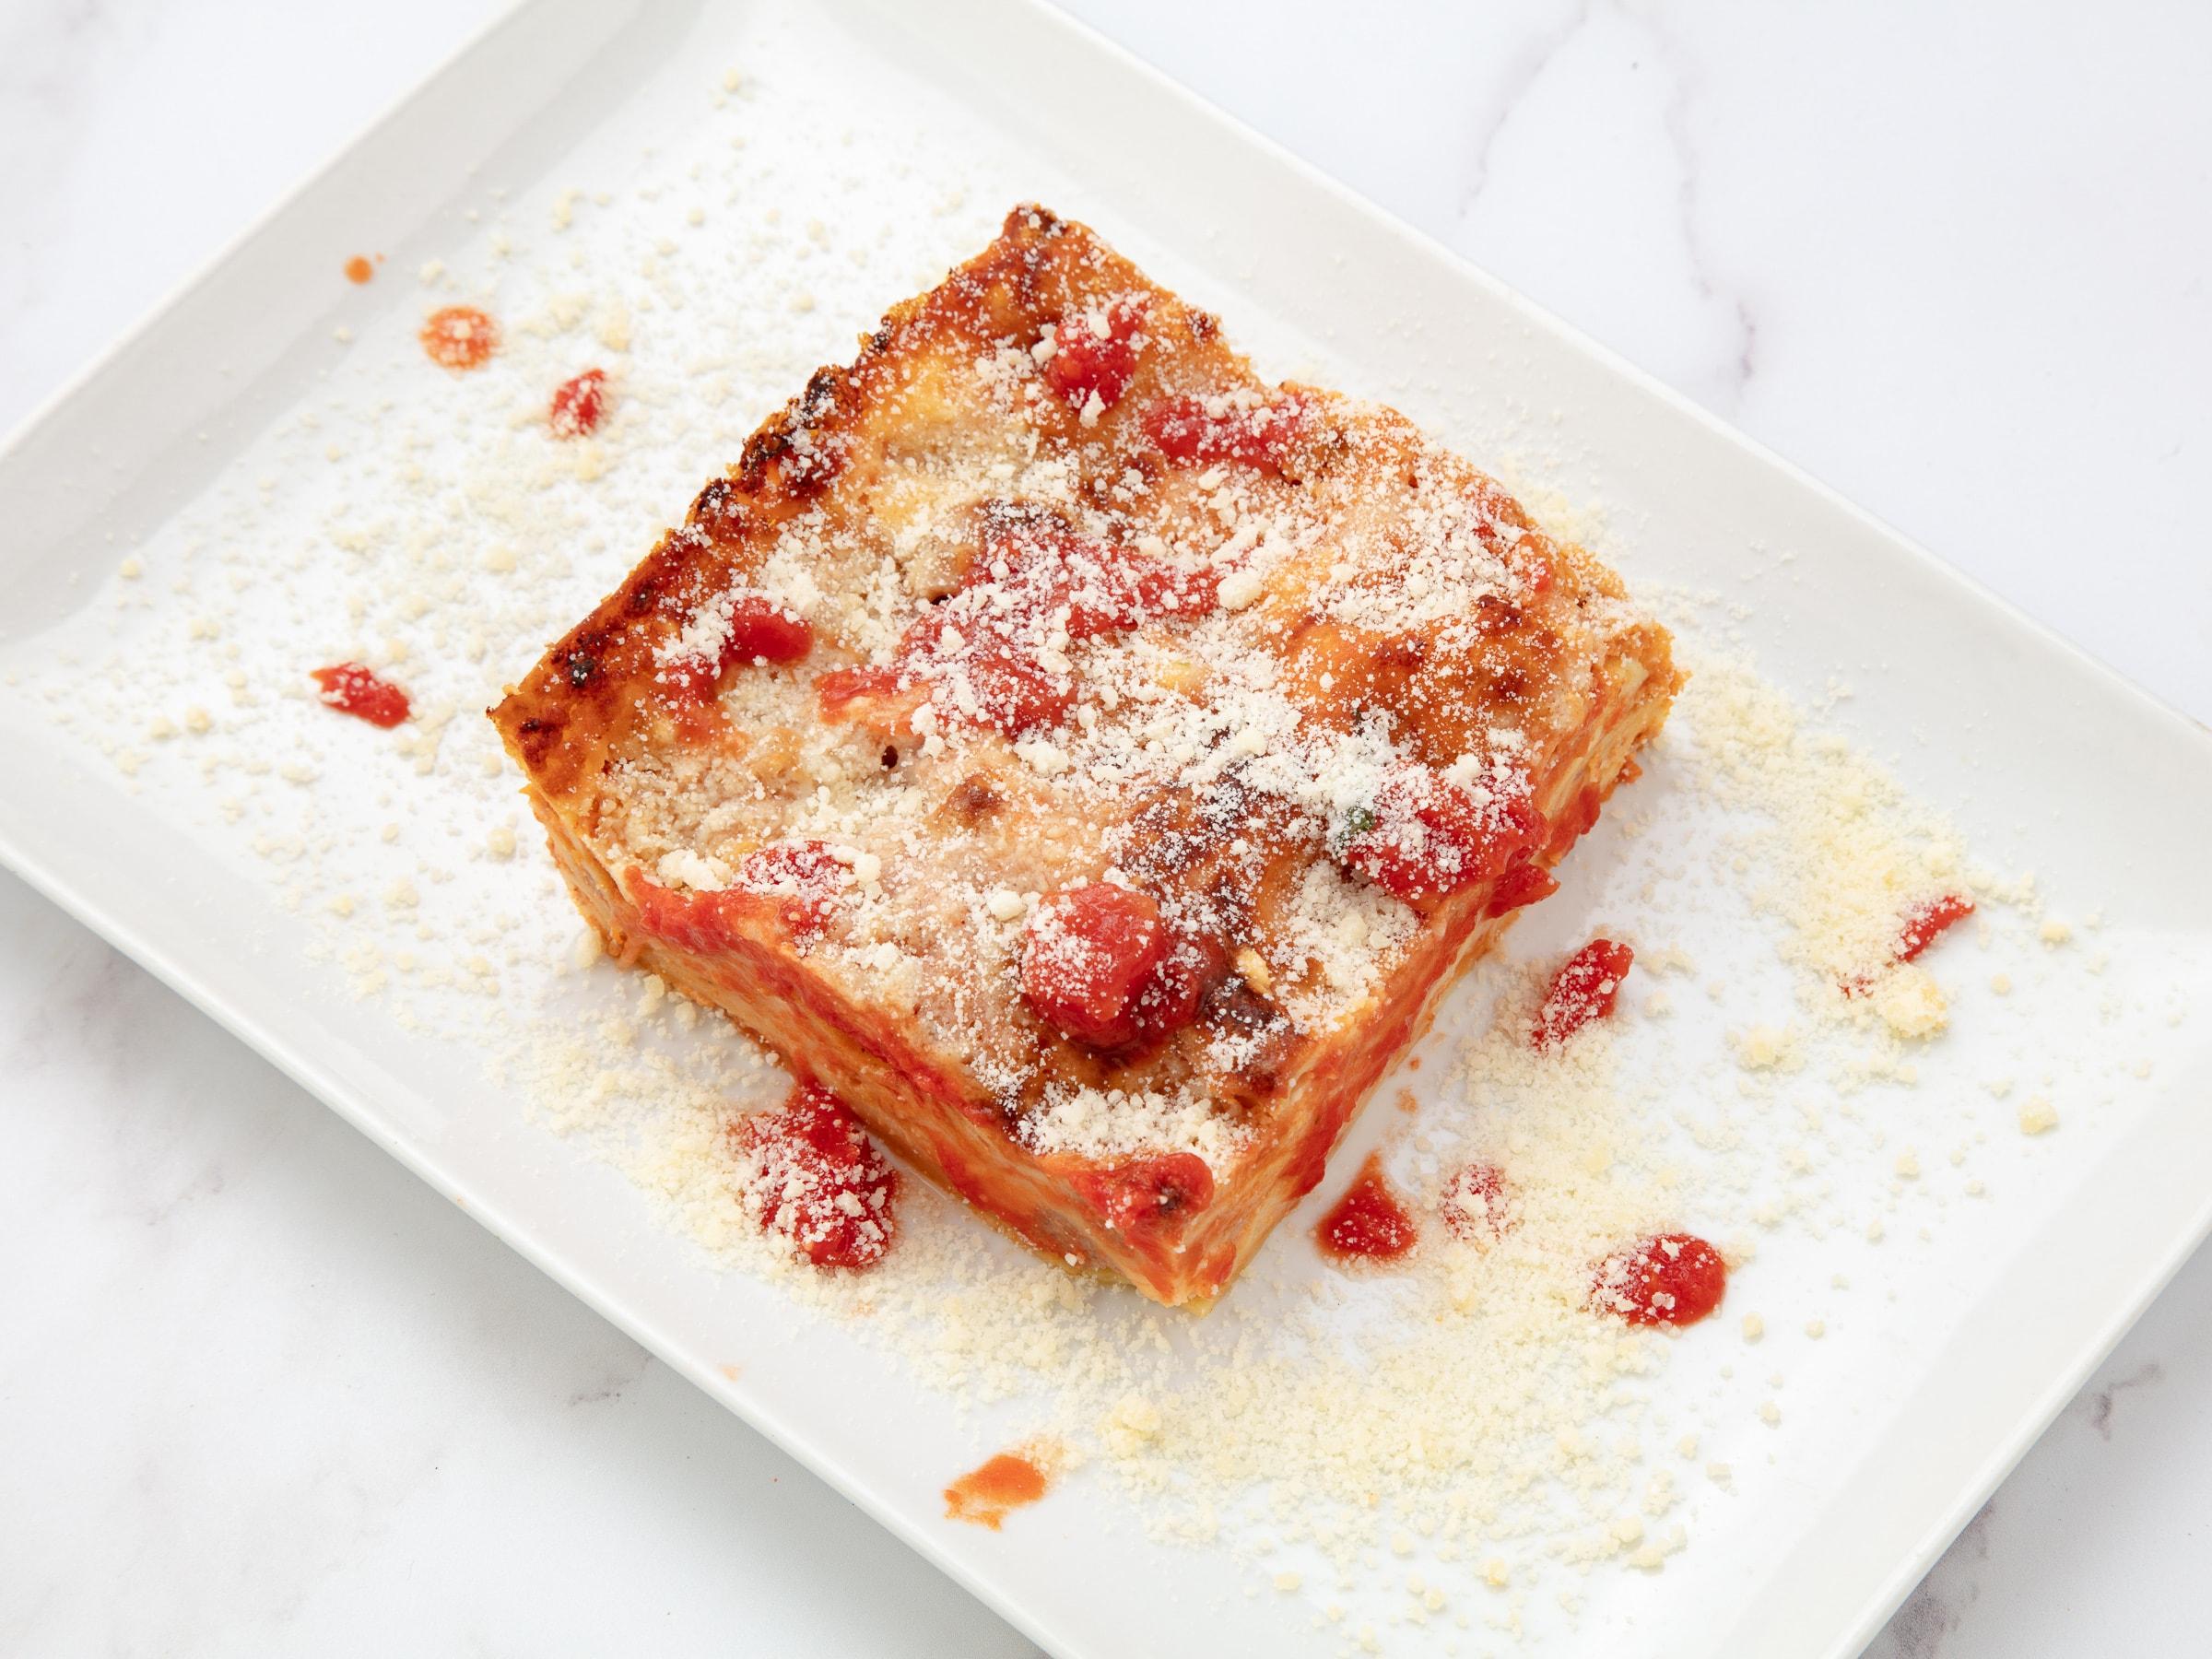 gratinées lasagne bolognaise